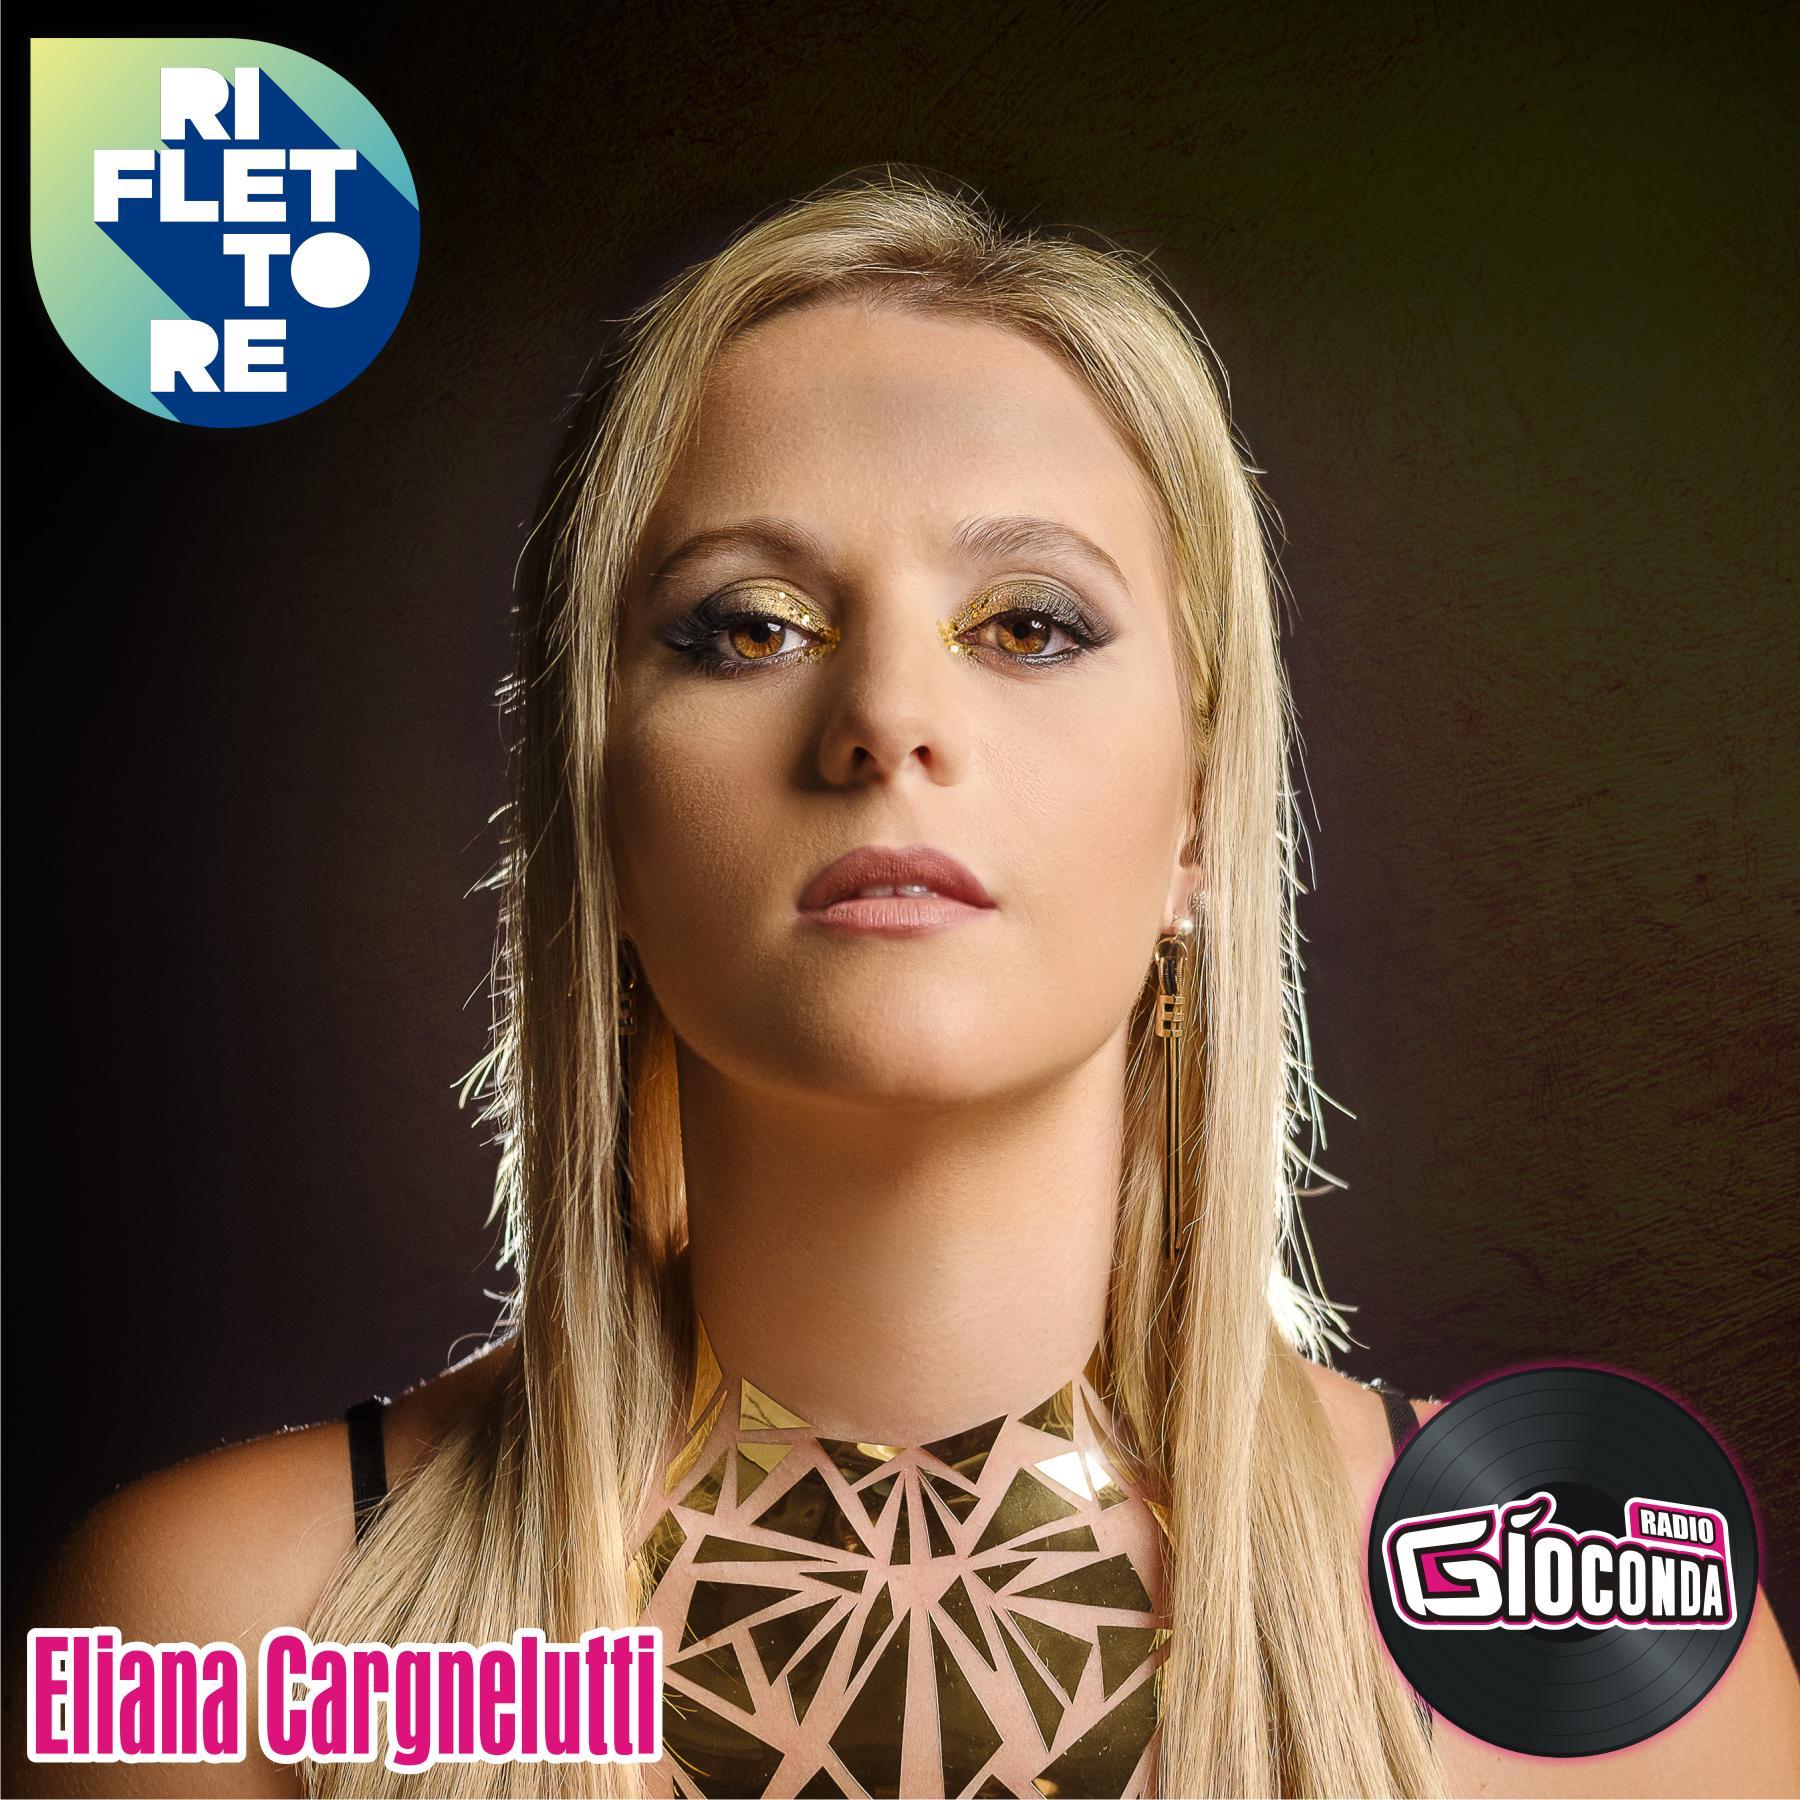 Riflettore con la chitarrista Eliana Cargnelutti